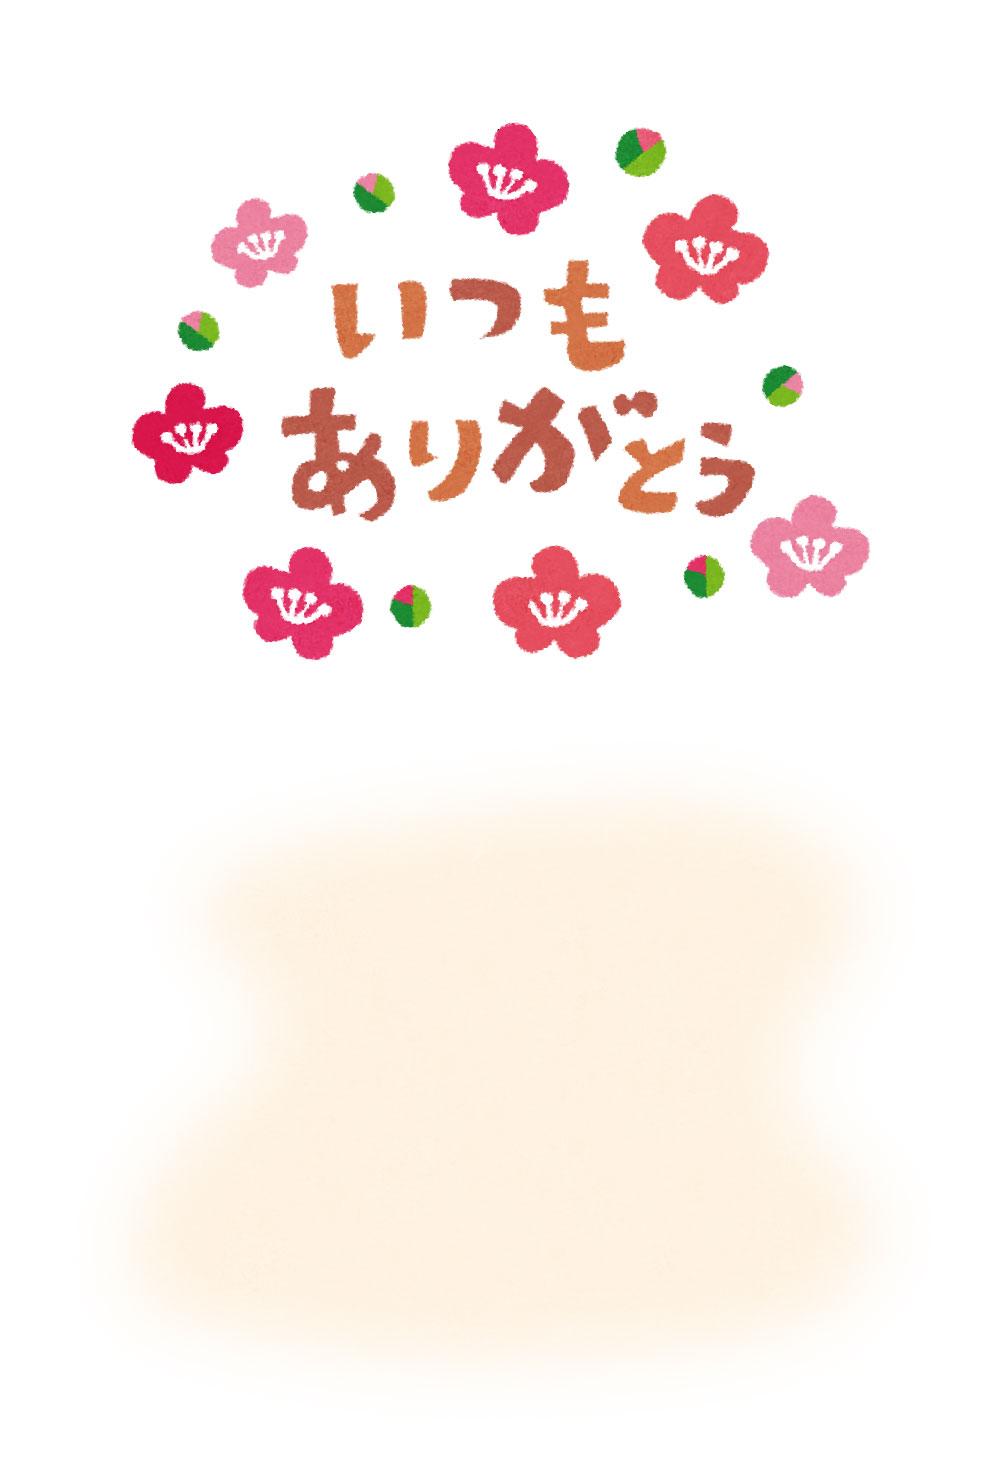 敬老の日のハガキテンプレート「いつもありがとう」 | かわいいフリー